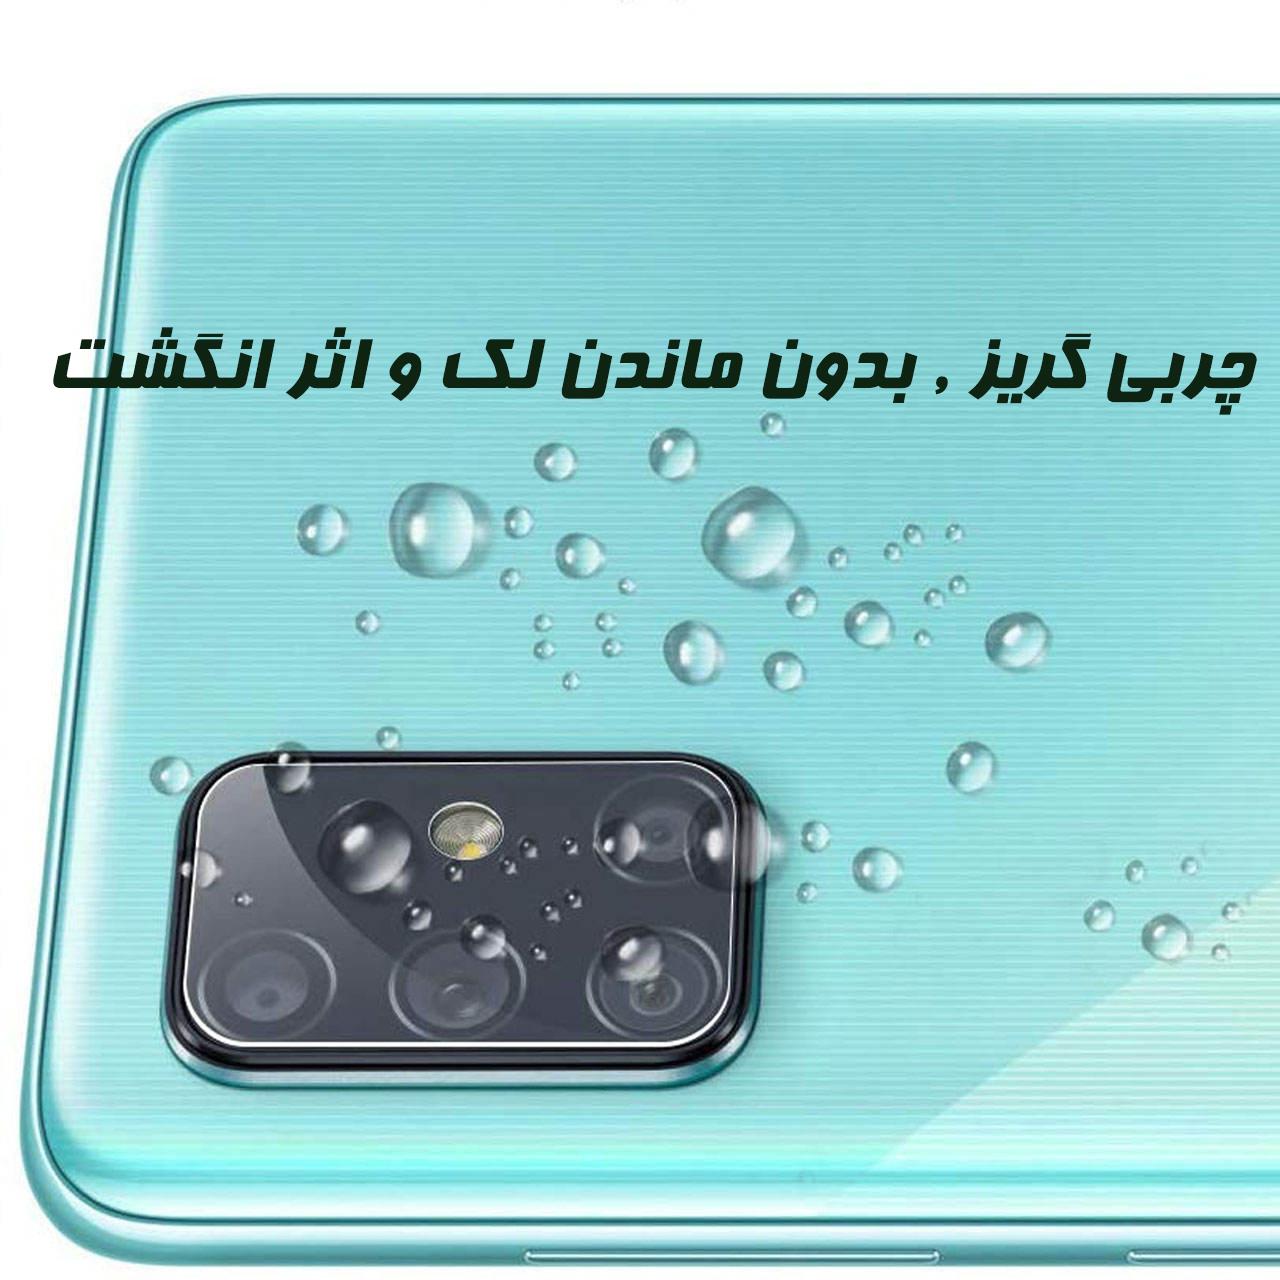 محافظ لنز دوربین مدل LNZA51-1 مناسب برای گوشی موبایل سامسونگ GALAXY A51 main 1 1